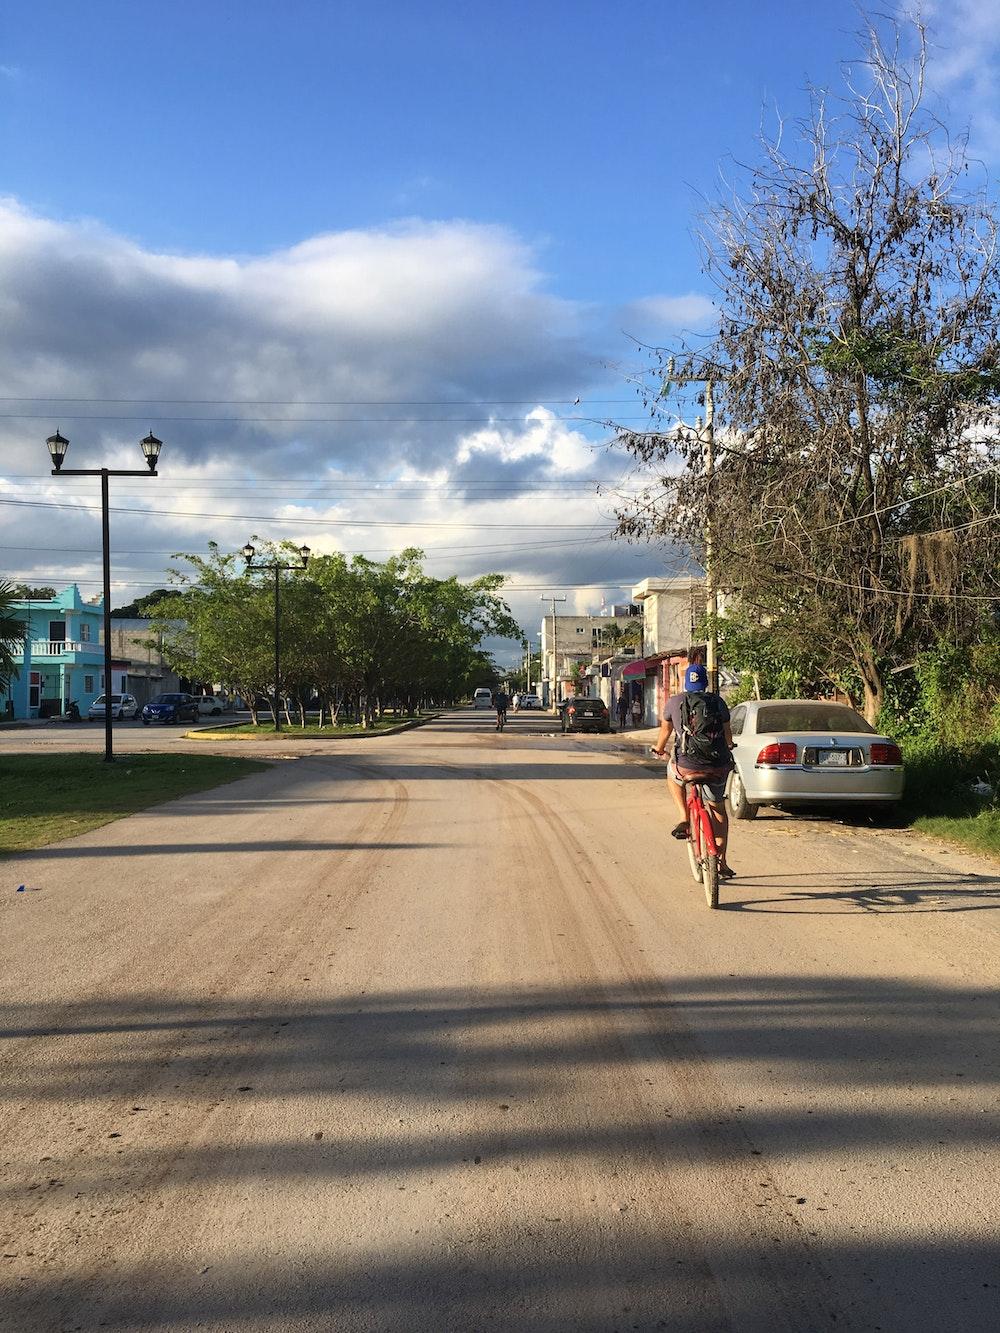 Dan on a bike in Tulum